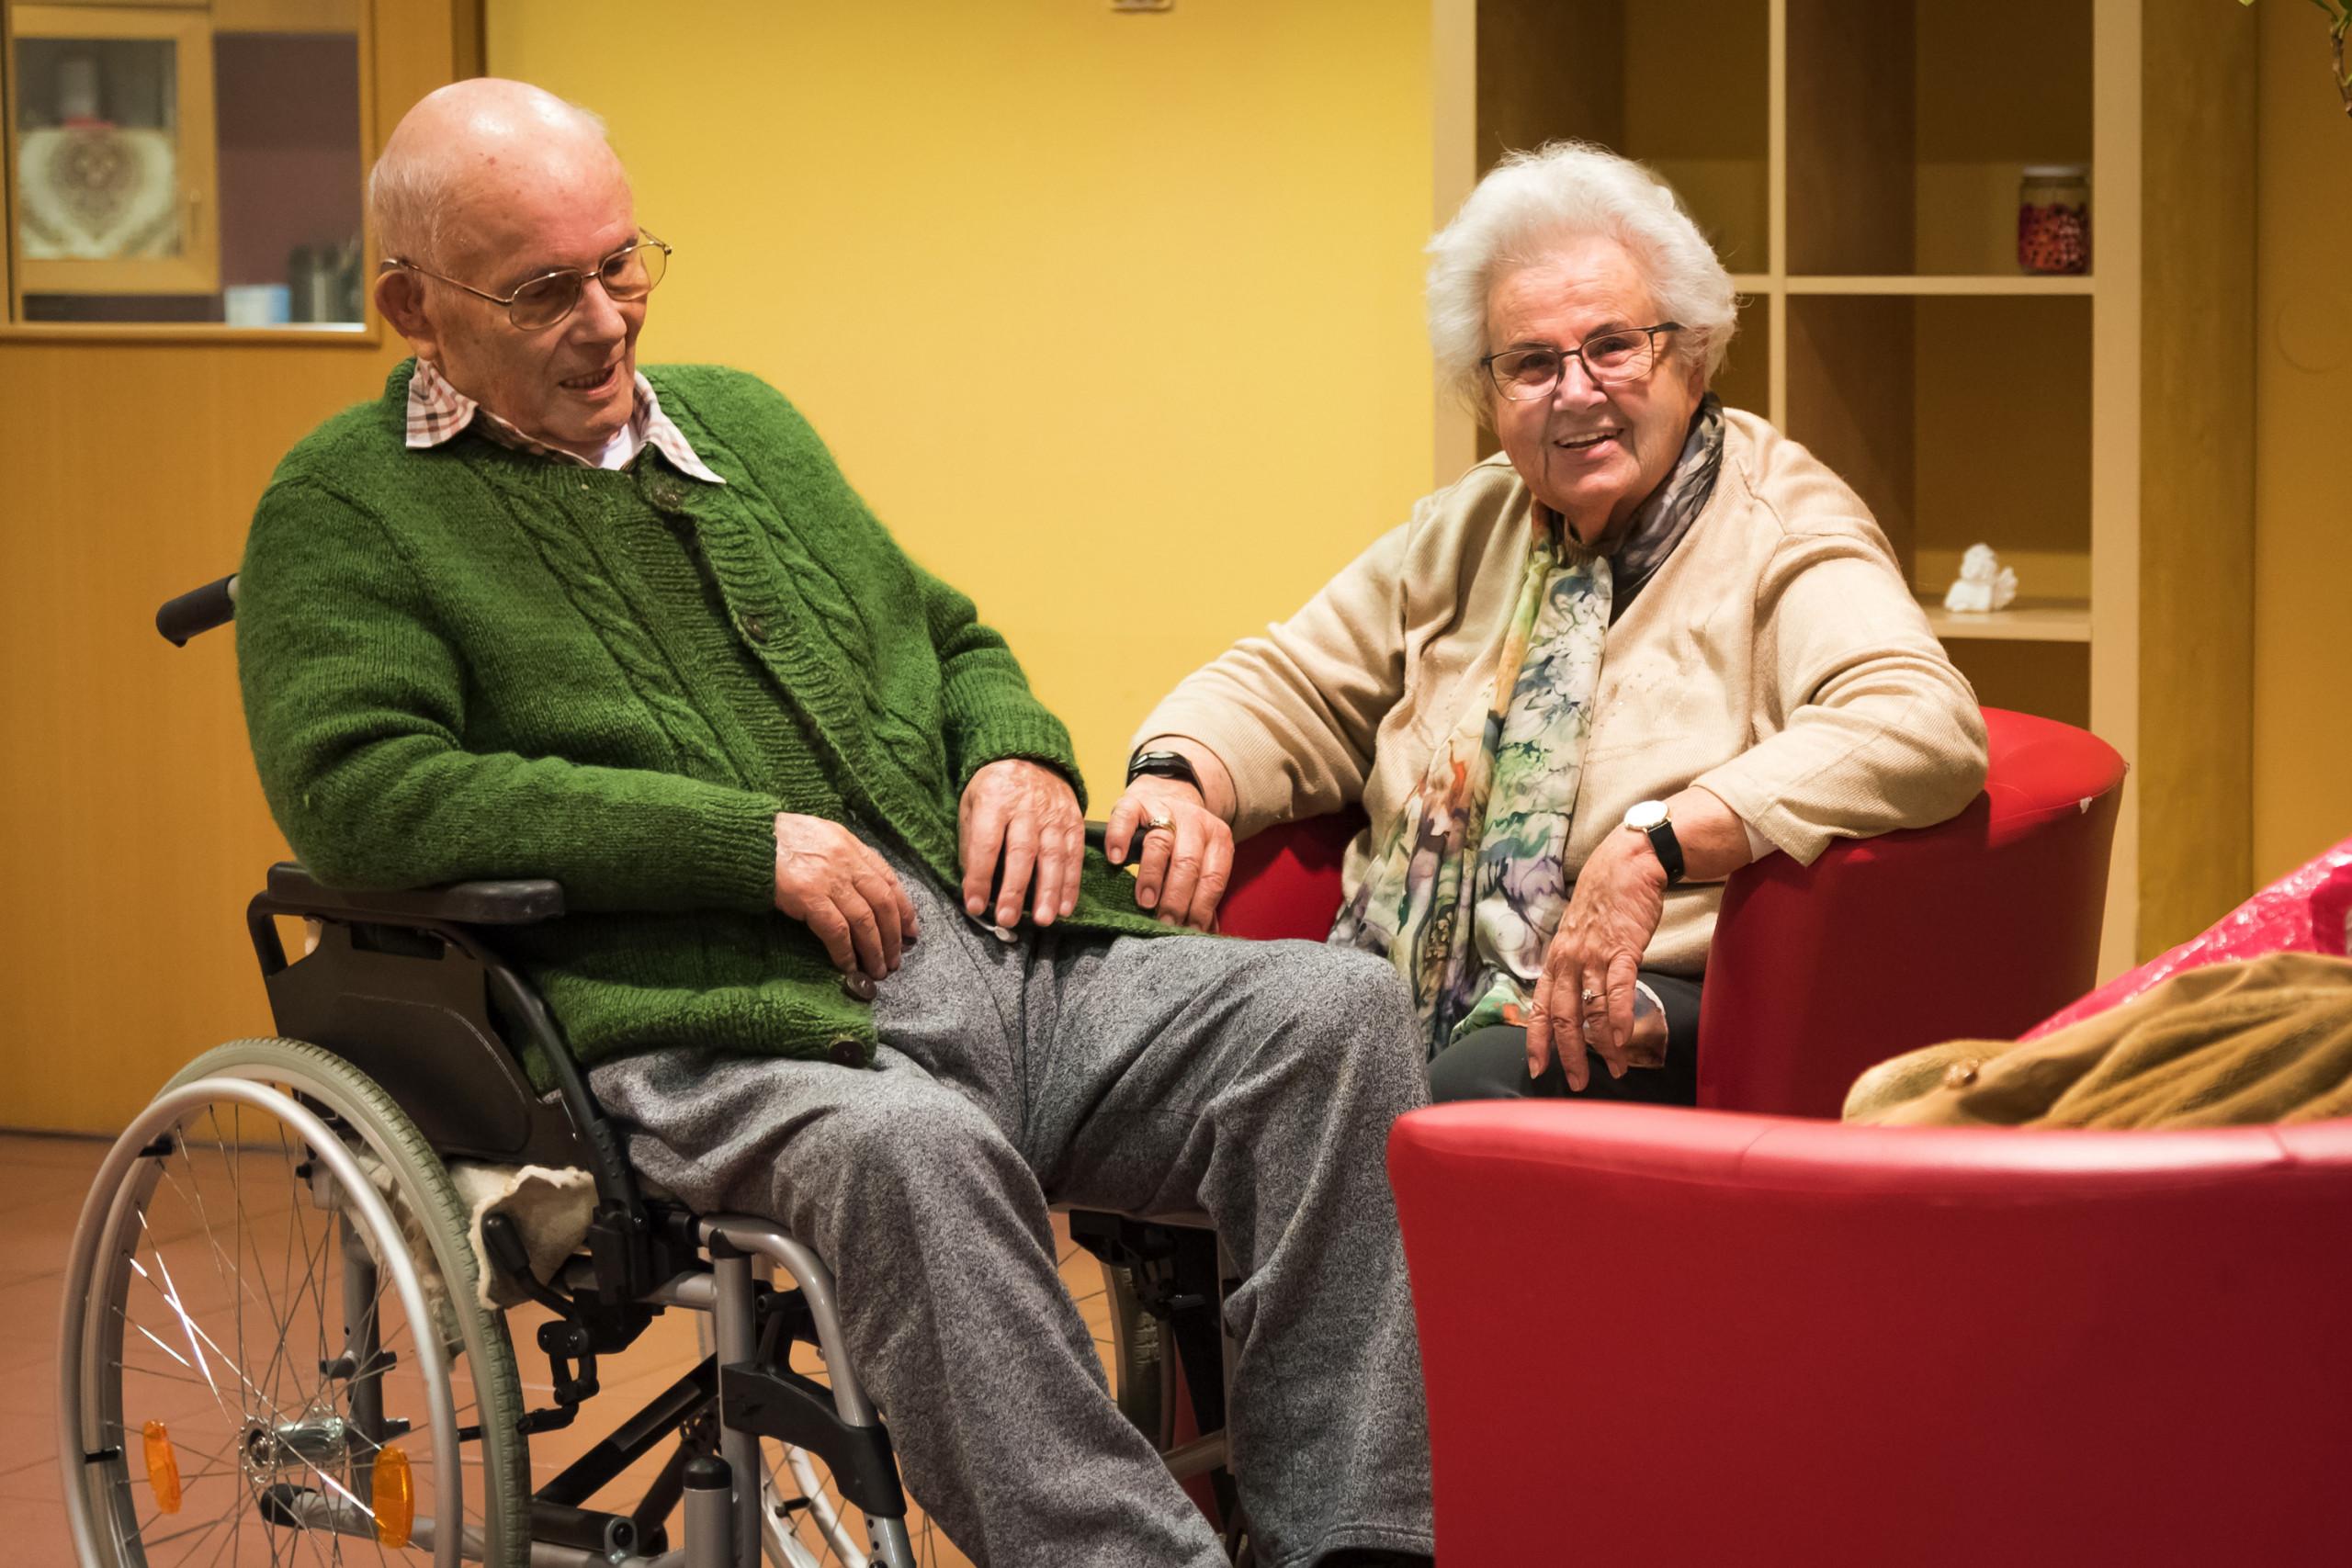 Residents of the ÖJAB-SeniorInnenwohnanlage Aigen sitting in the foyer.